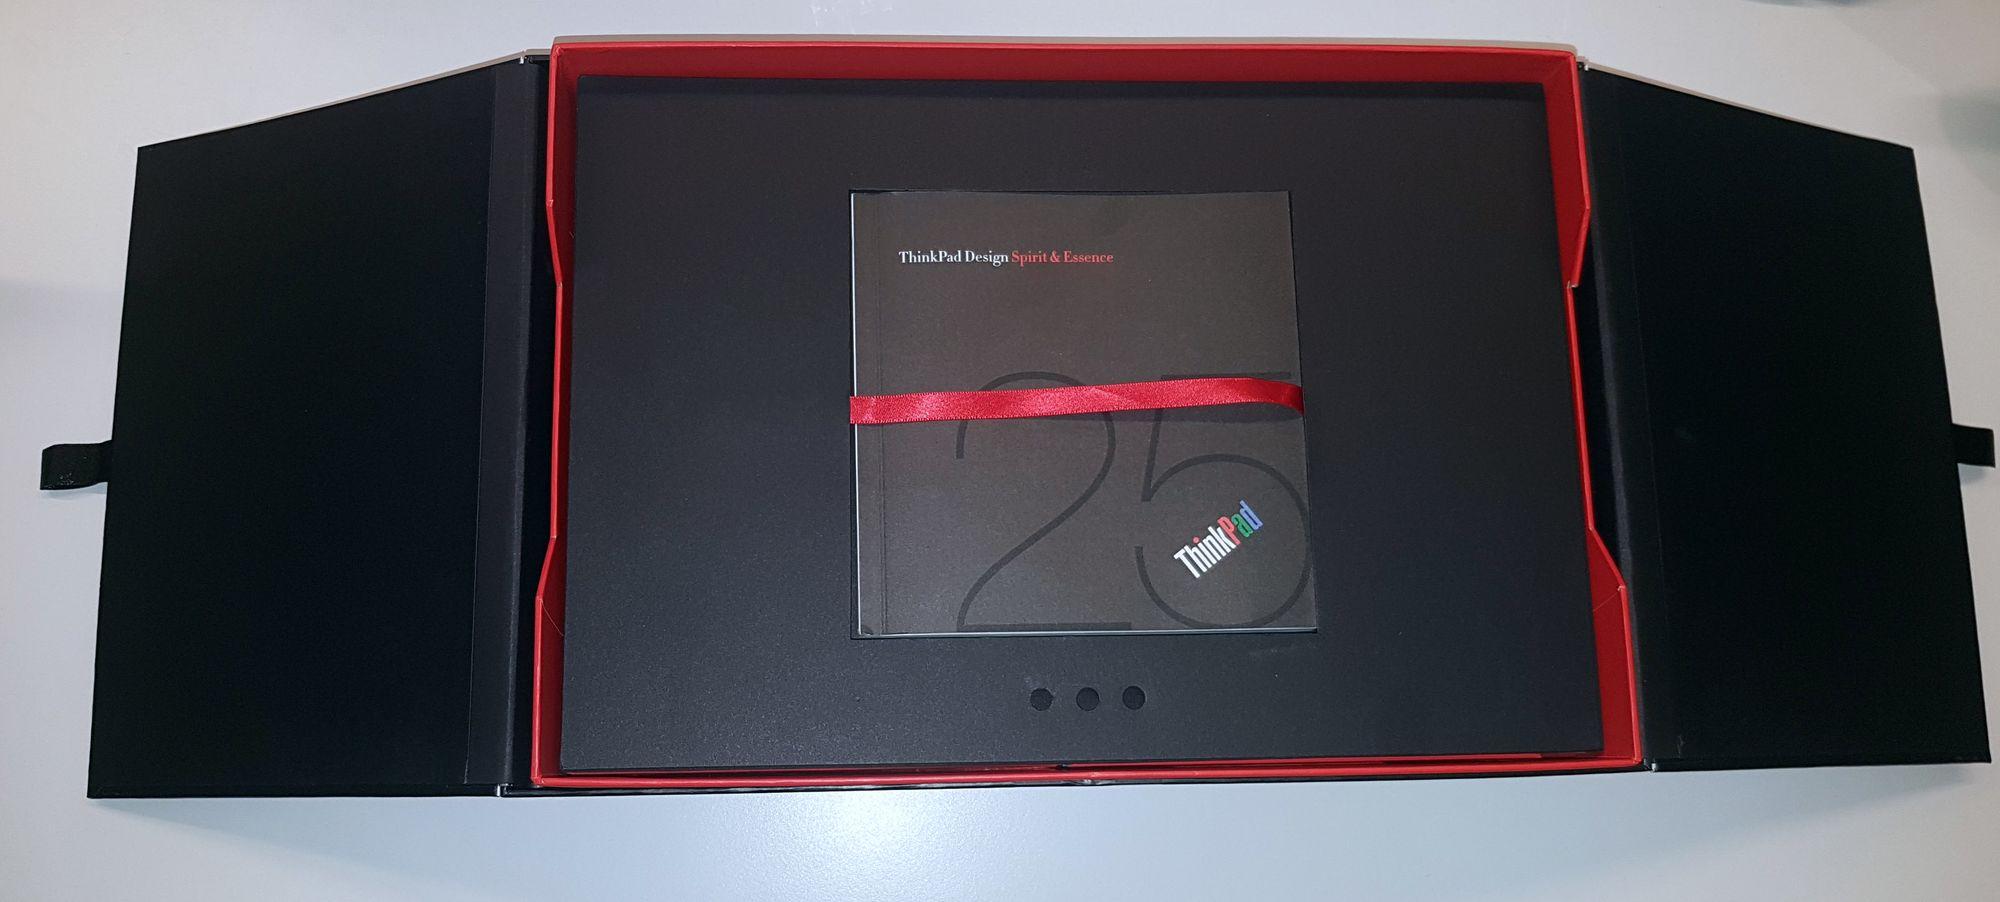 Esken til Lenovo Thinkpad Anniversary Edition 25 er inspirert av en japansk matboks. Inkludert er også en liten bok om hva som kjennetegner Thinkpad-designen.